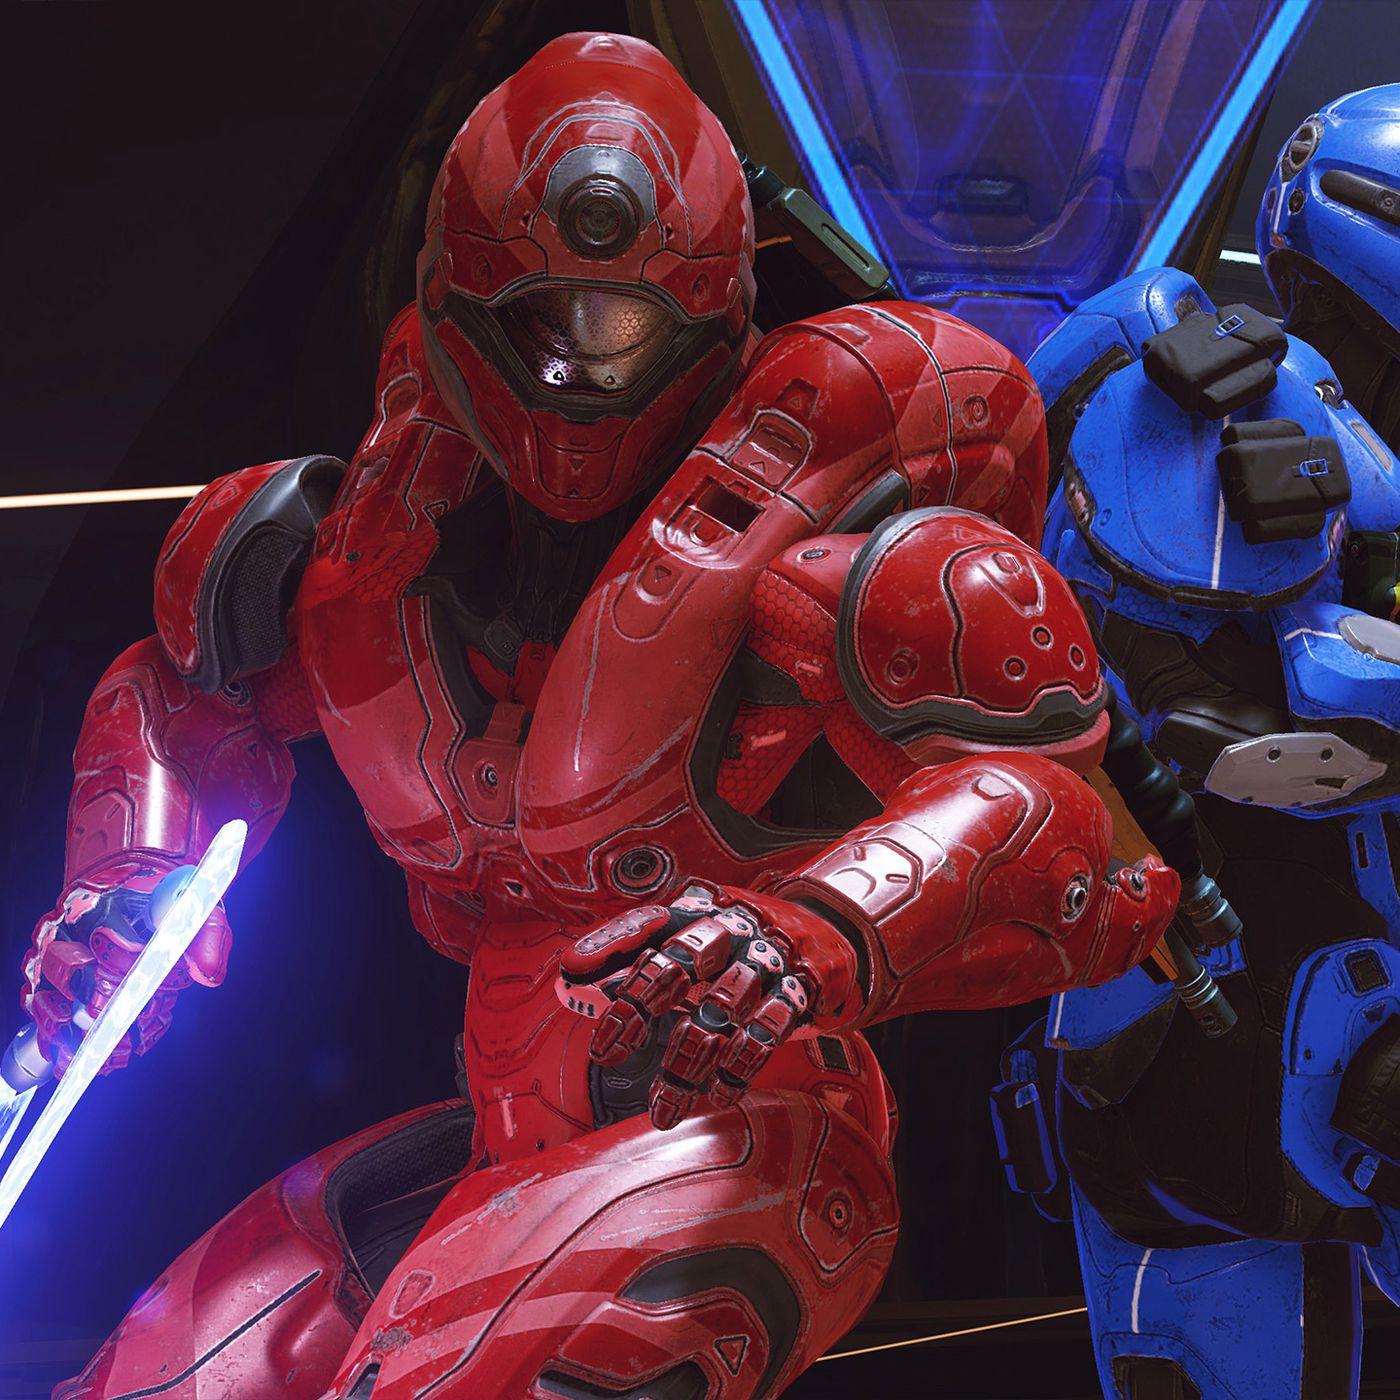 Future Halo games will bring back split-screen - Polygon